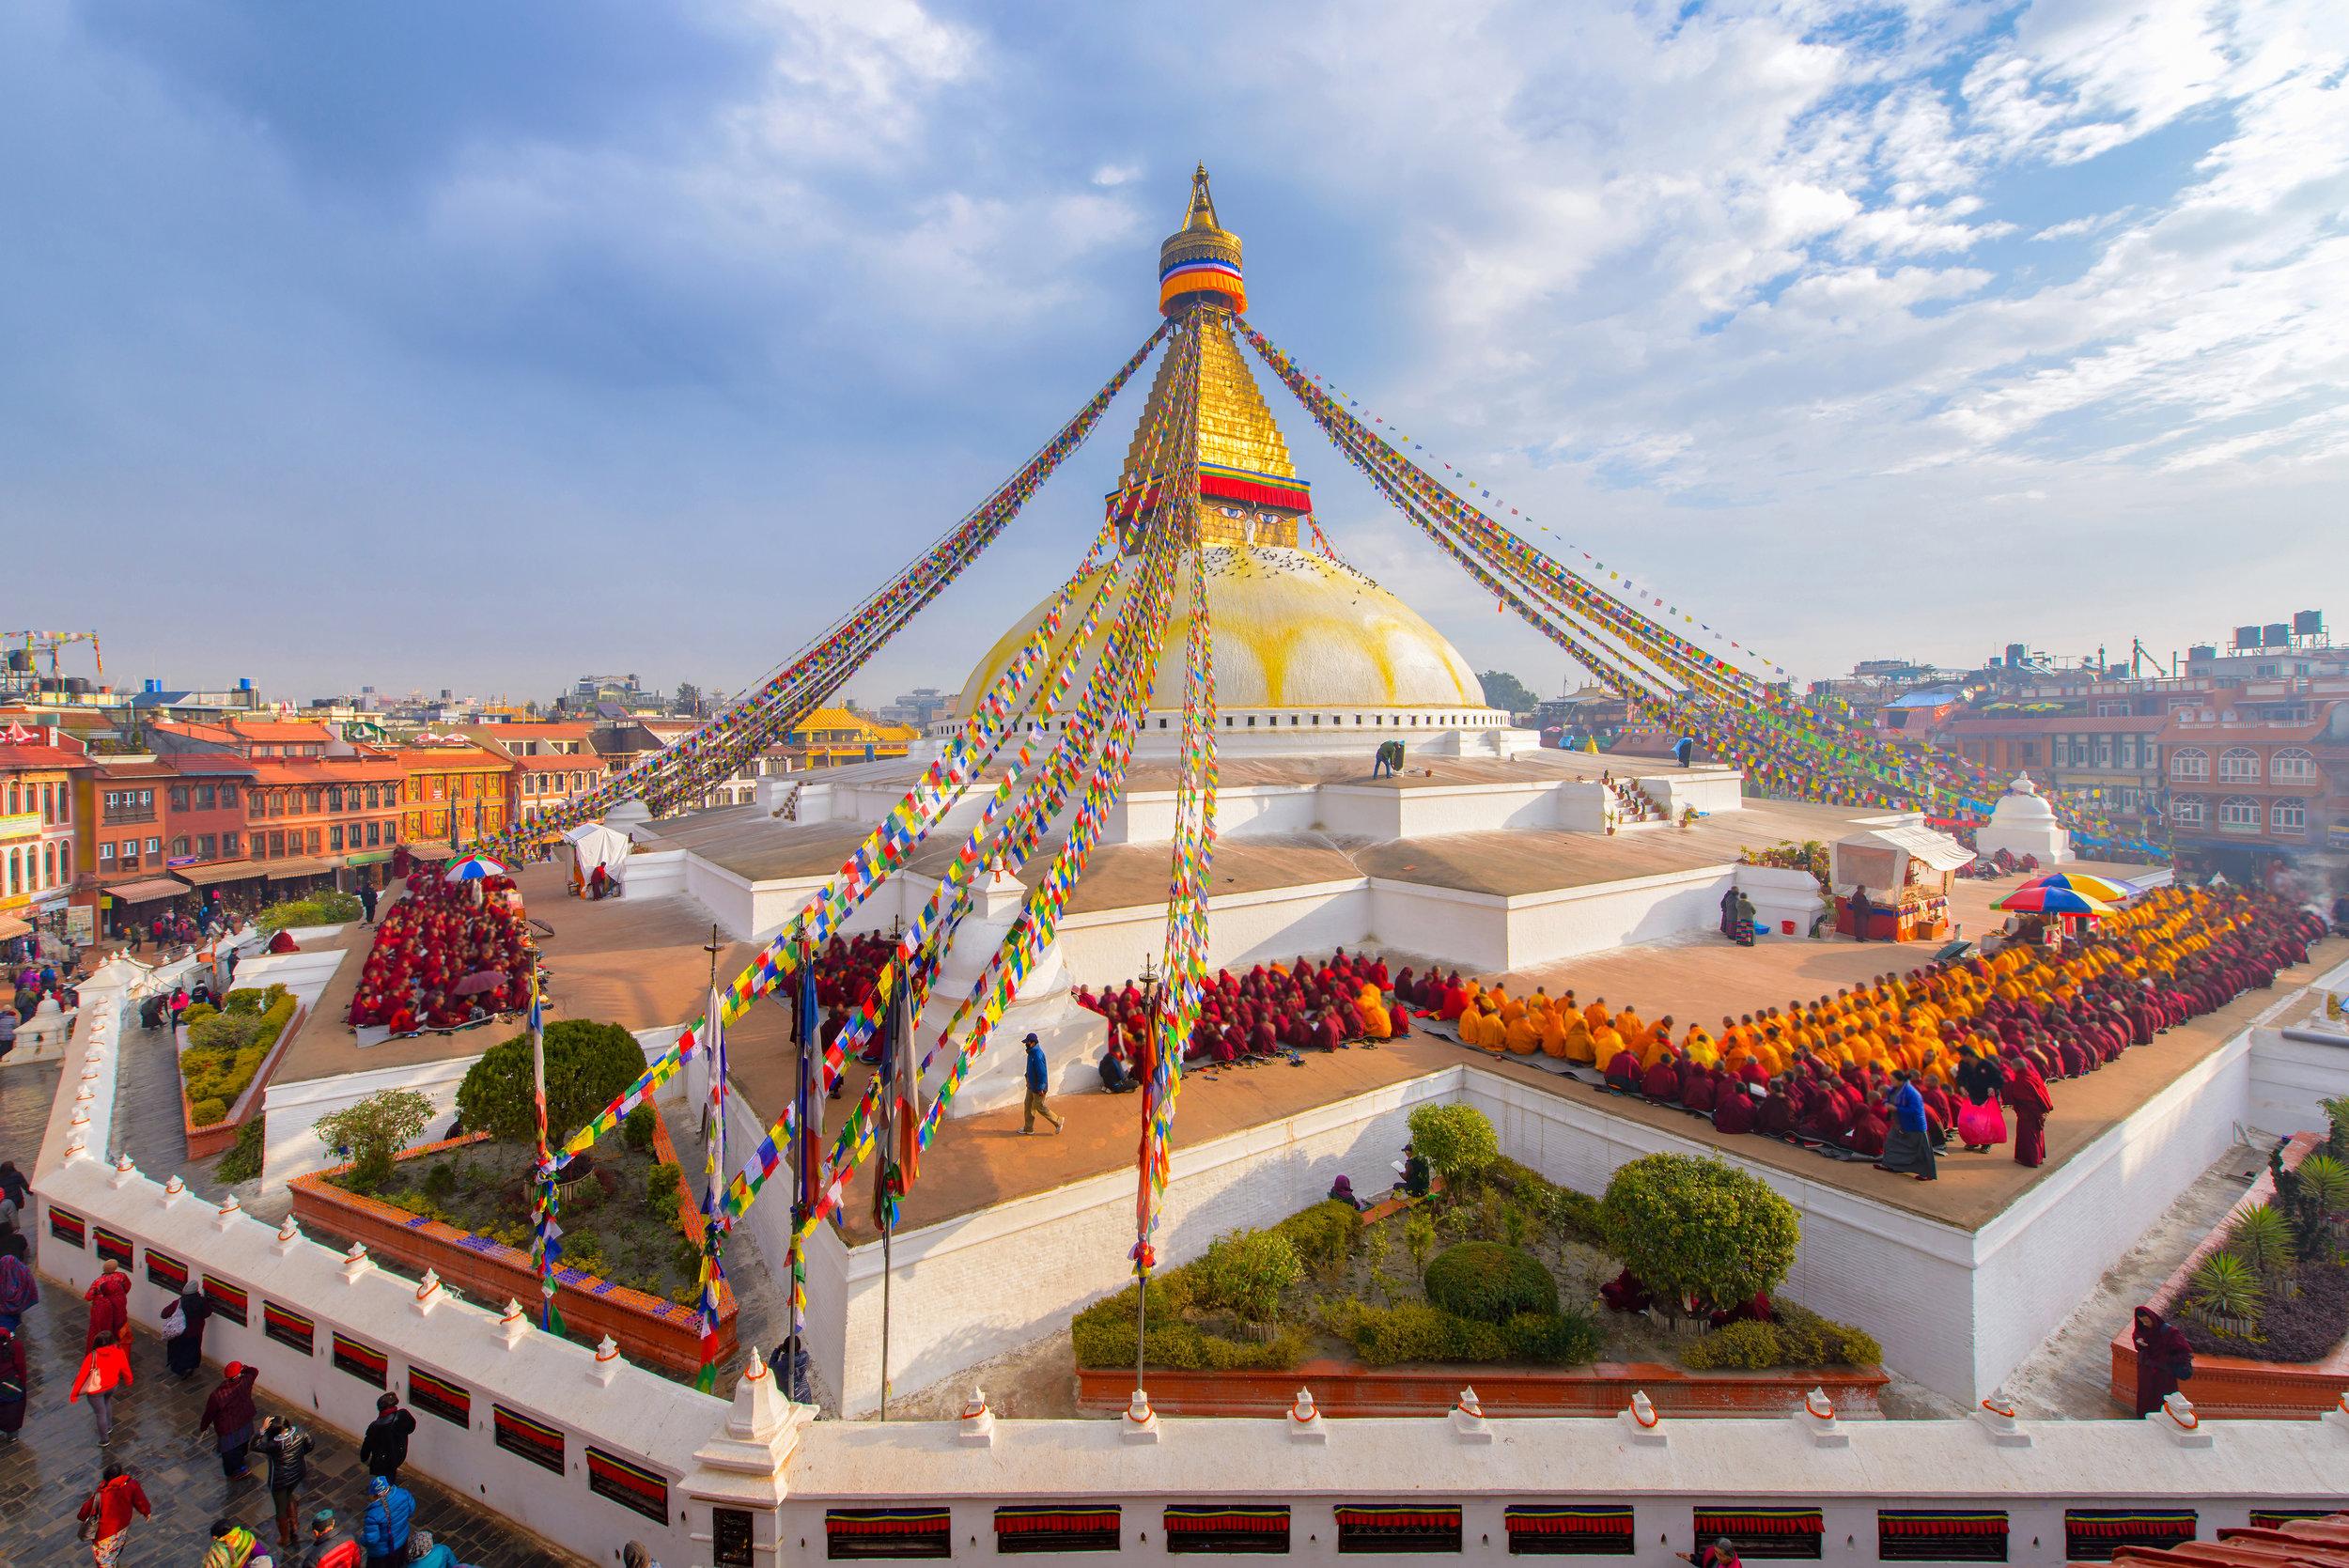 nepal_bigstock--154385426.jpg